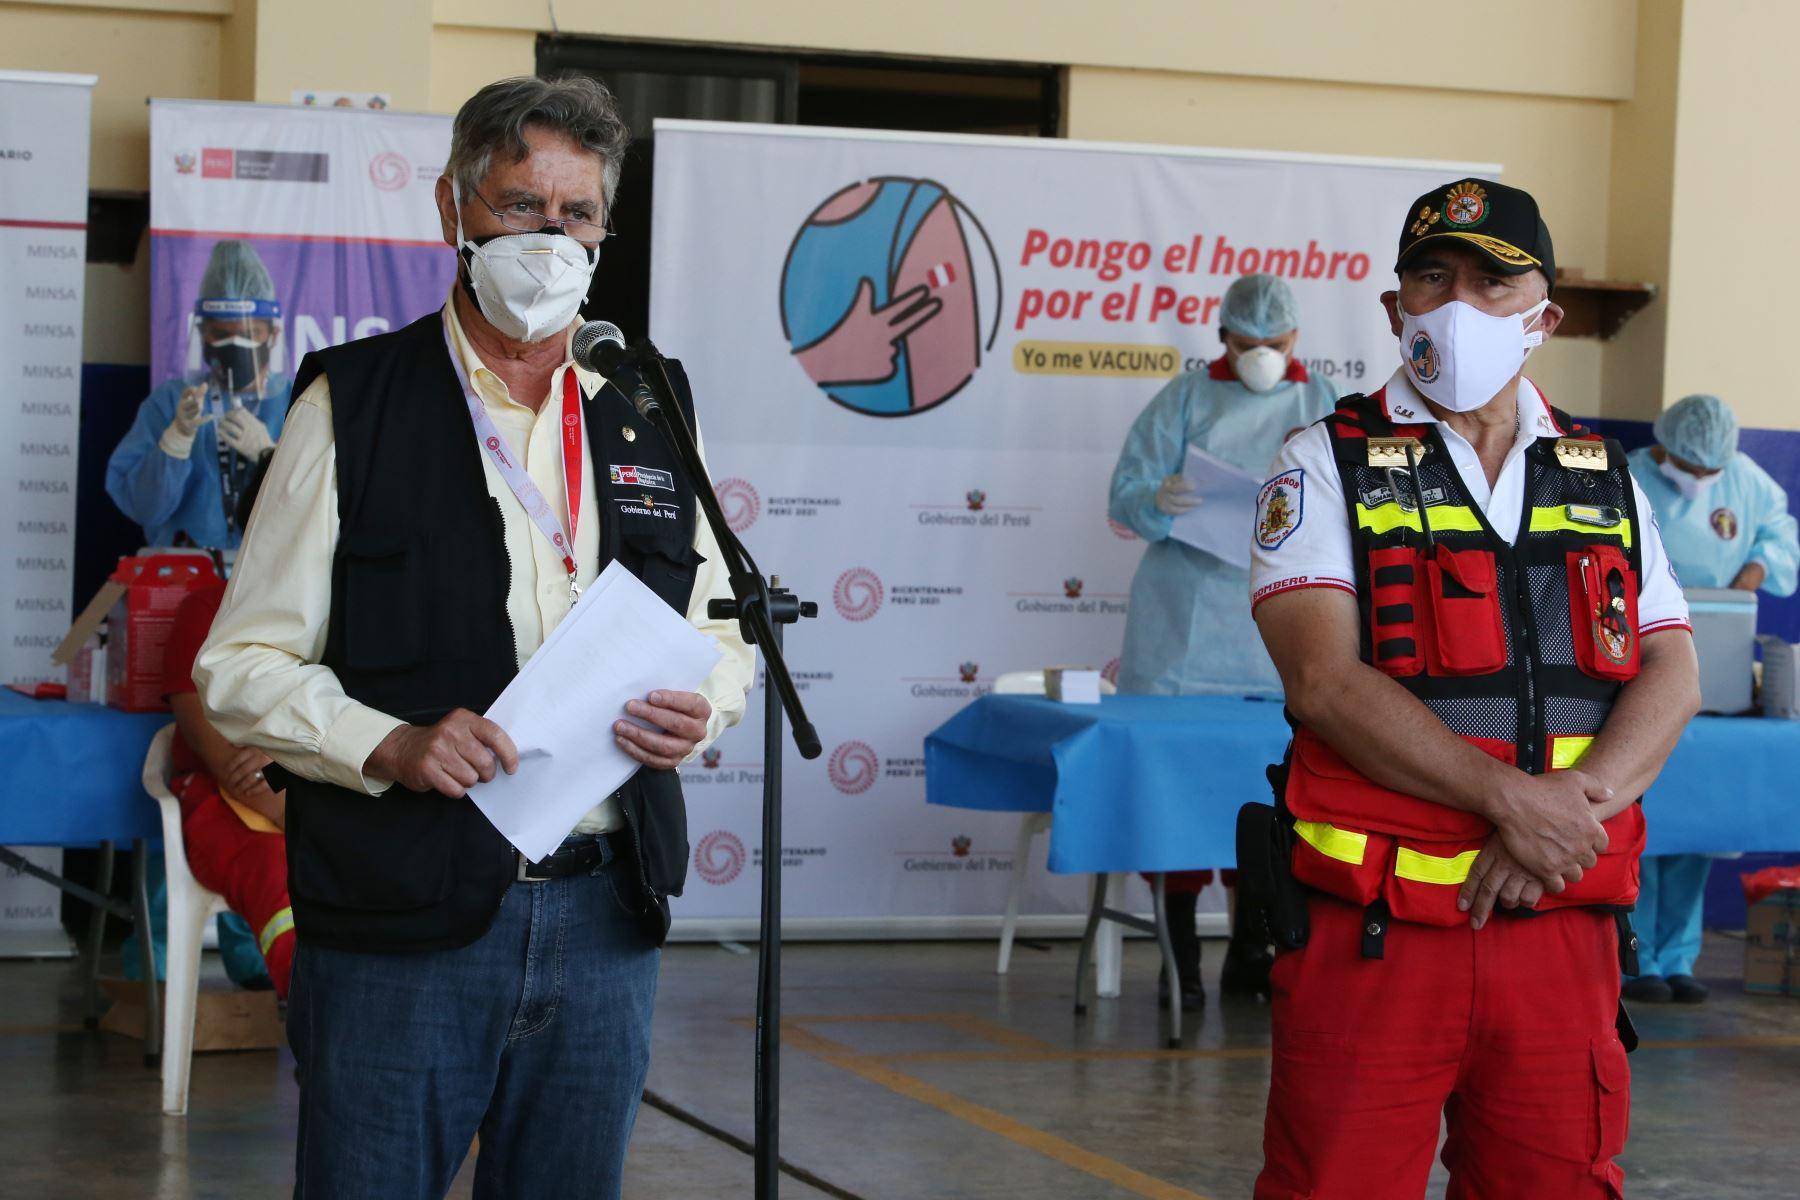 El presidente de la Republica,  Francisco Sagasti, junto con los titulares del Minsa y Mininter, supervisan el inicio del proceso de vacunación contra la covid-19 a los integrantes del Cuerpo General de Bomberos Voluntarios del Perú. Foto: Cortesía César García